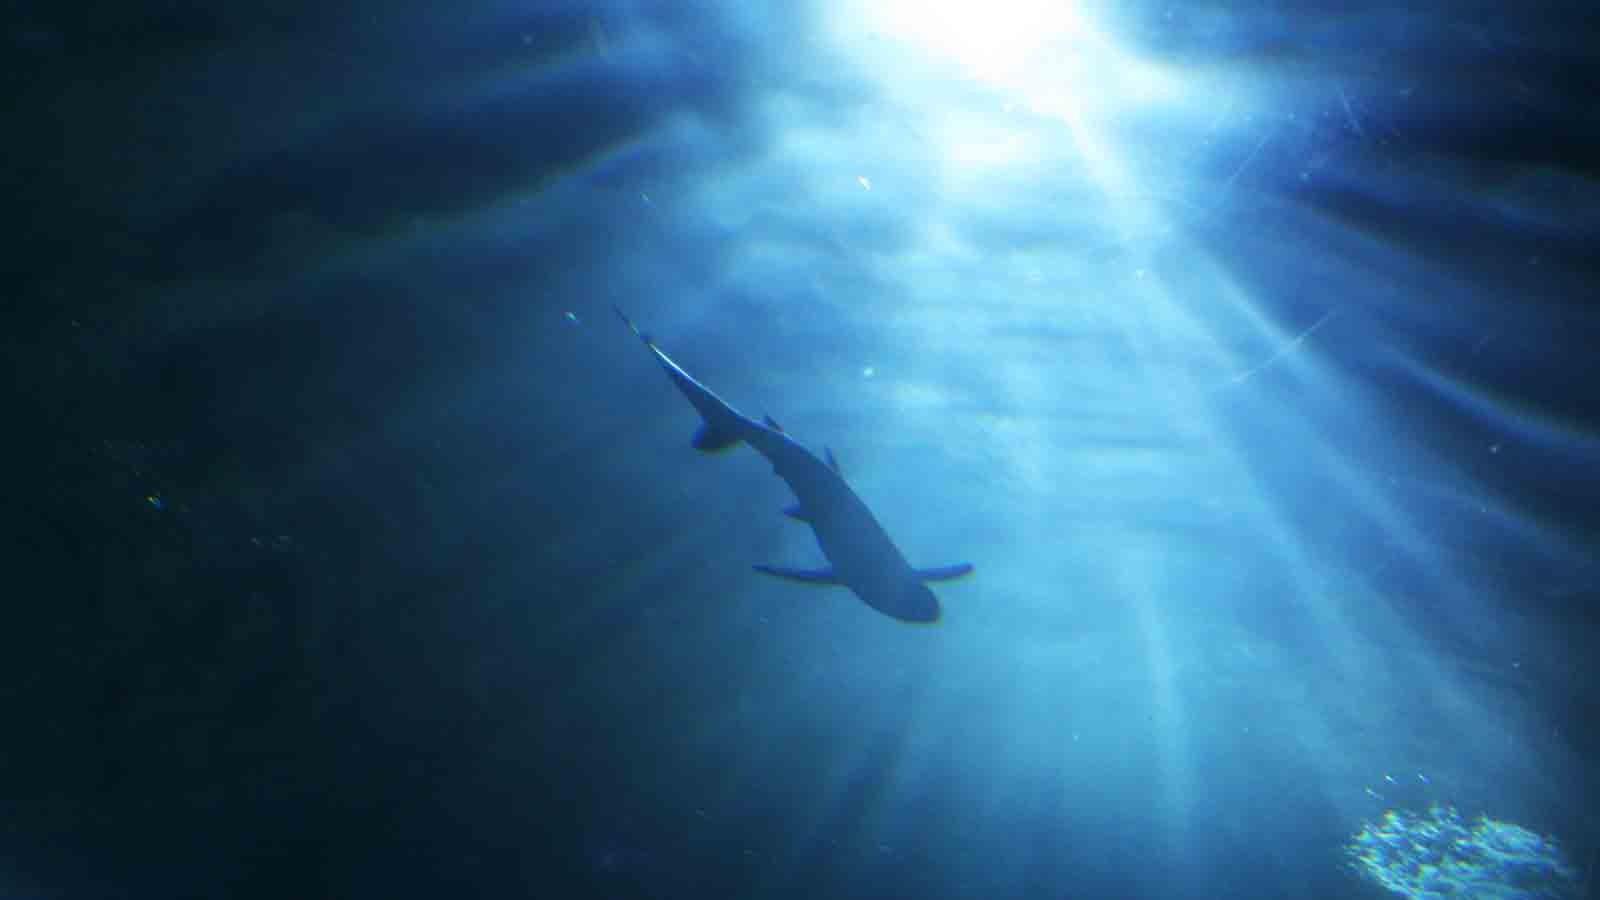 Hai fällt tauchenden 13-Jährigen an und verletzt ihn am Oberkörper